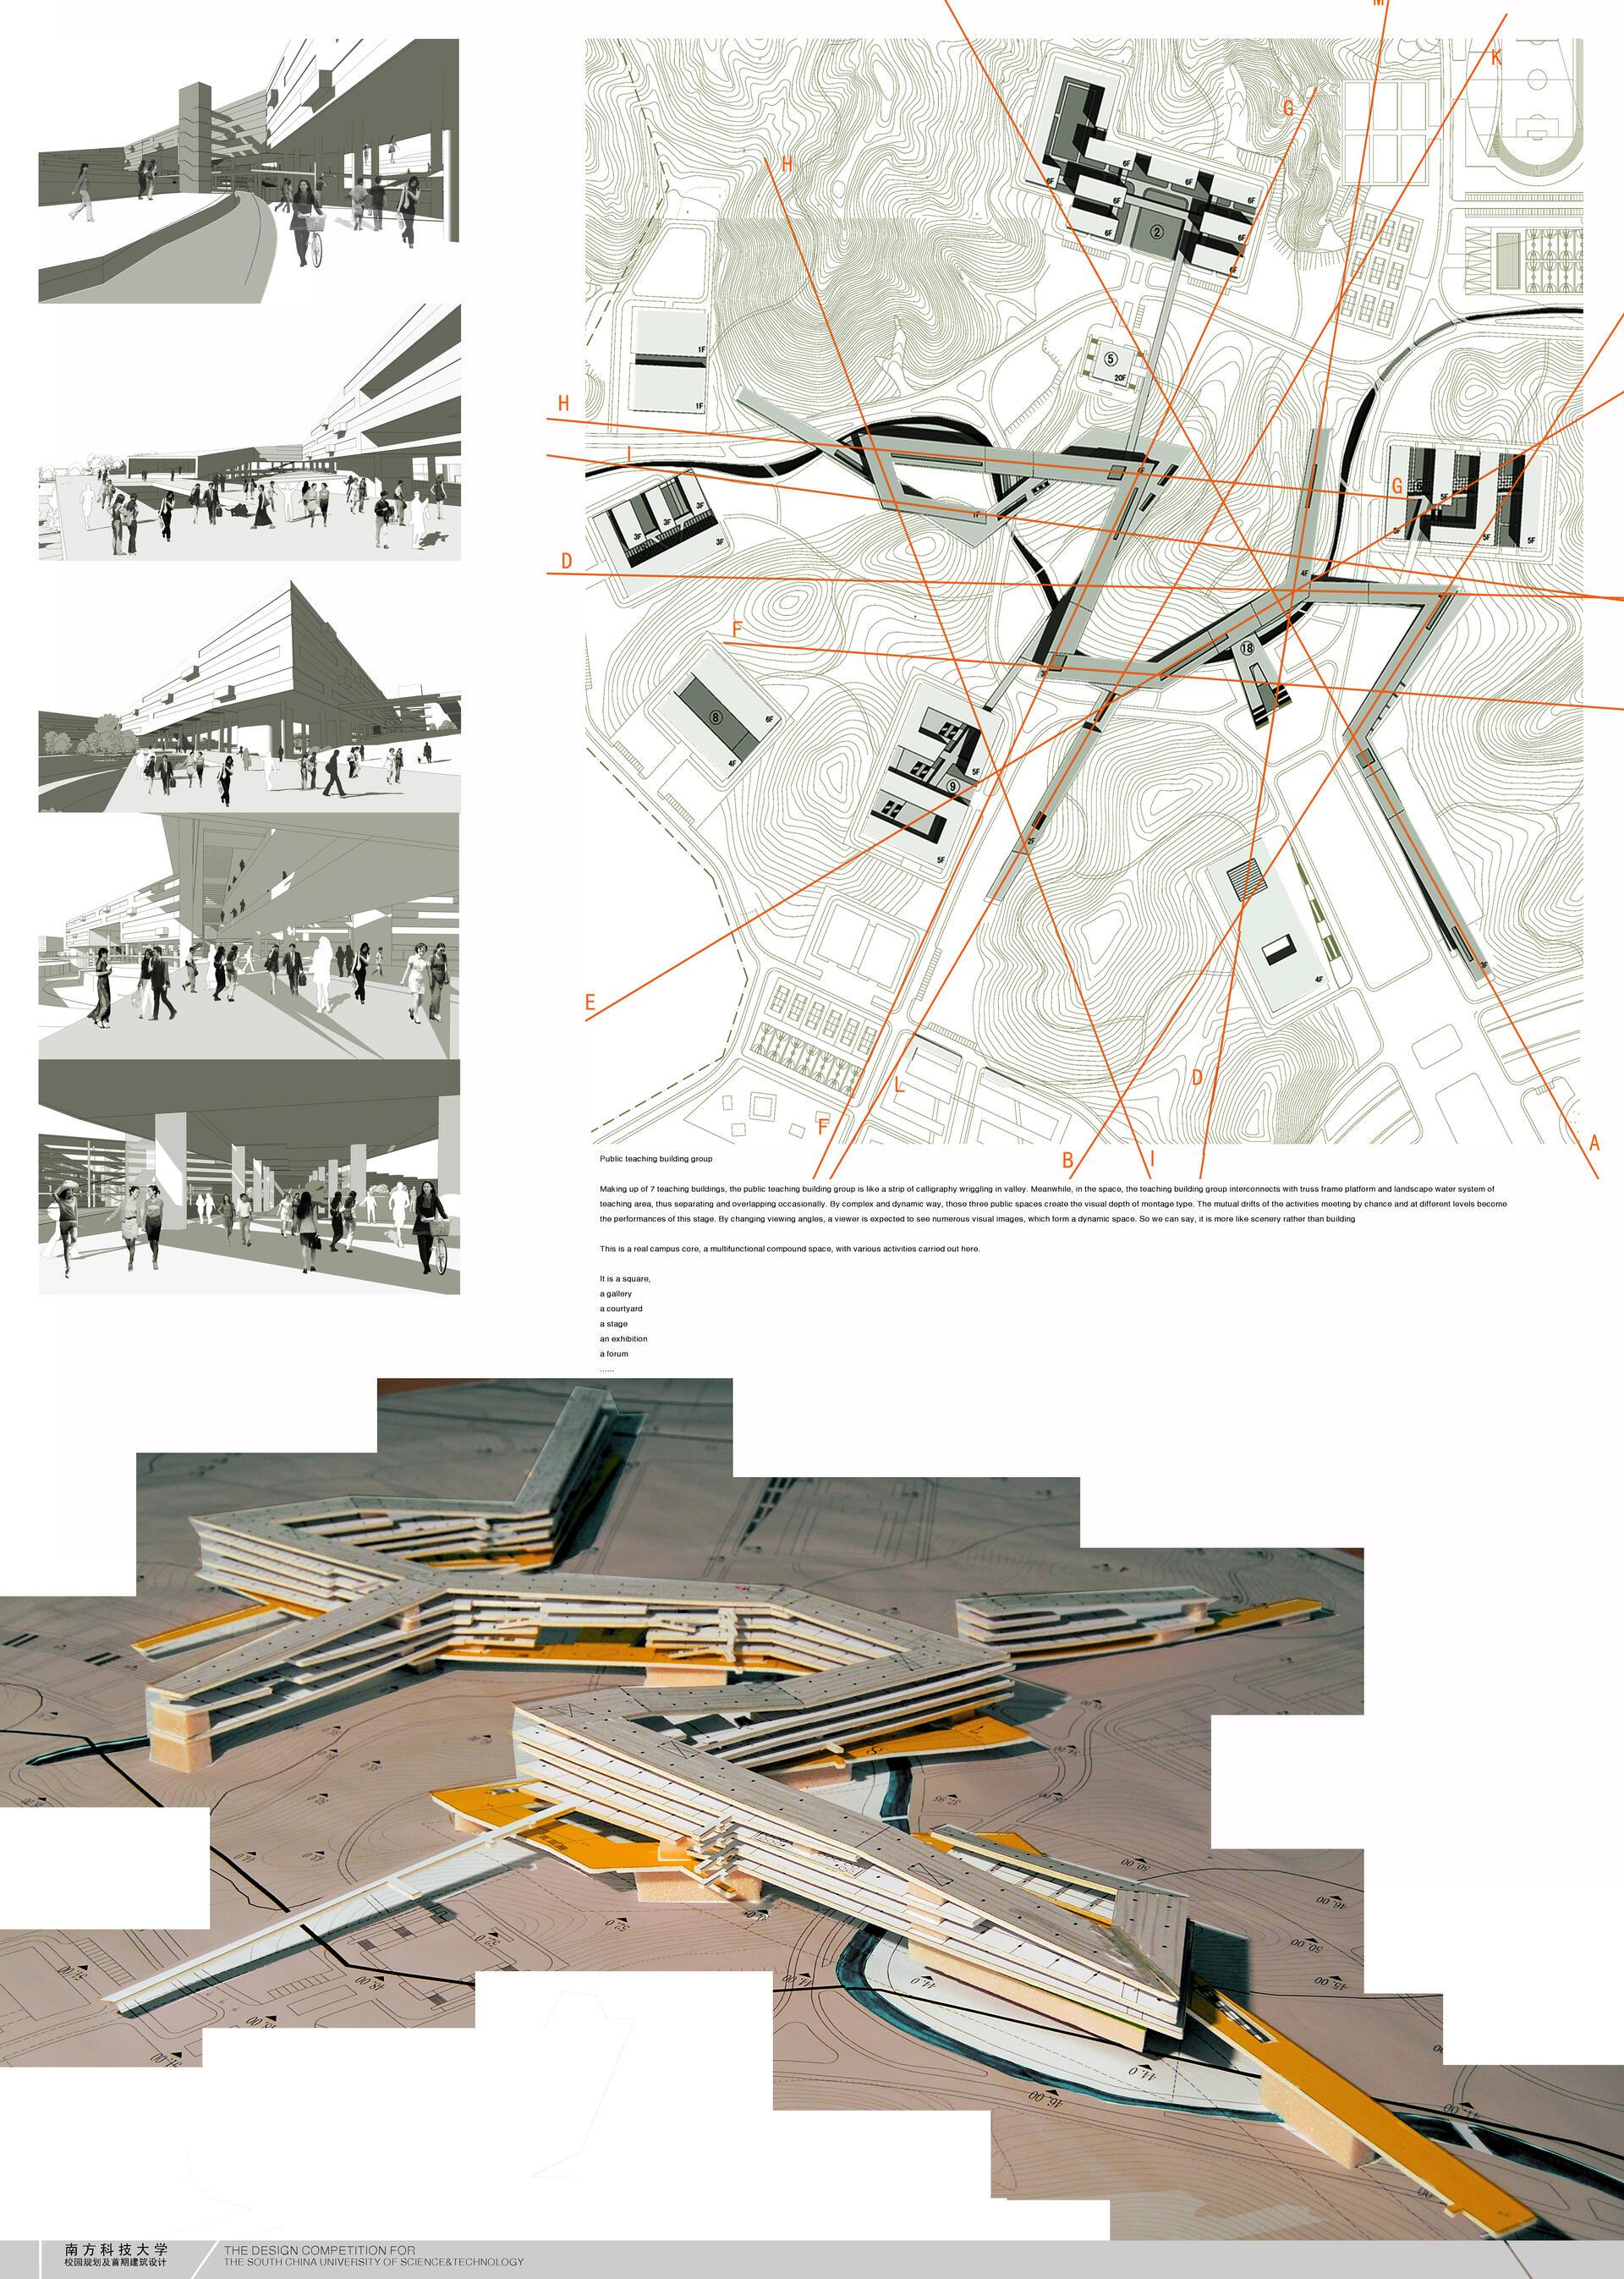 教学楼概念图